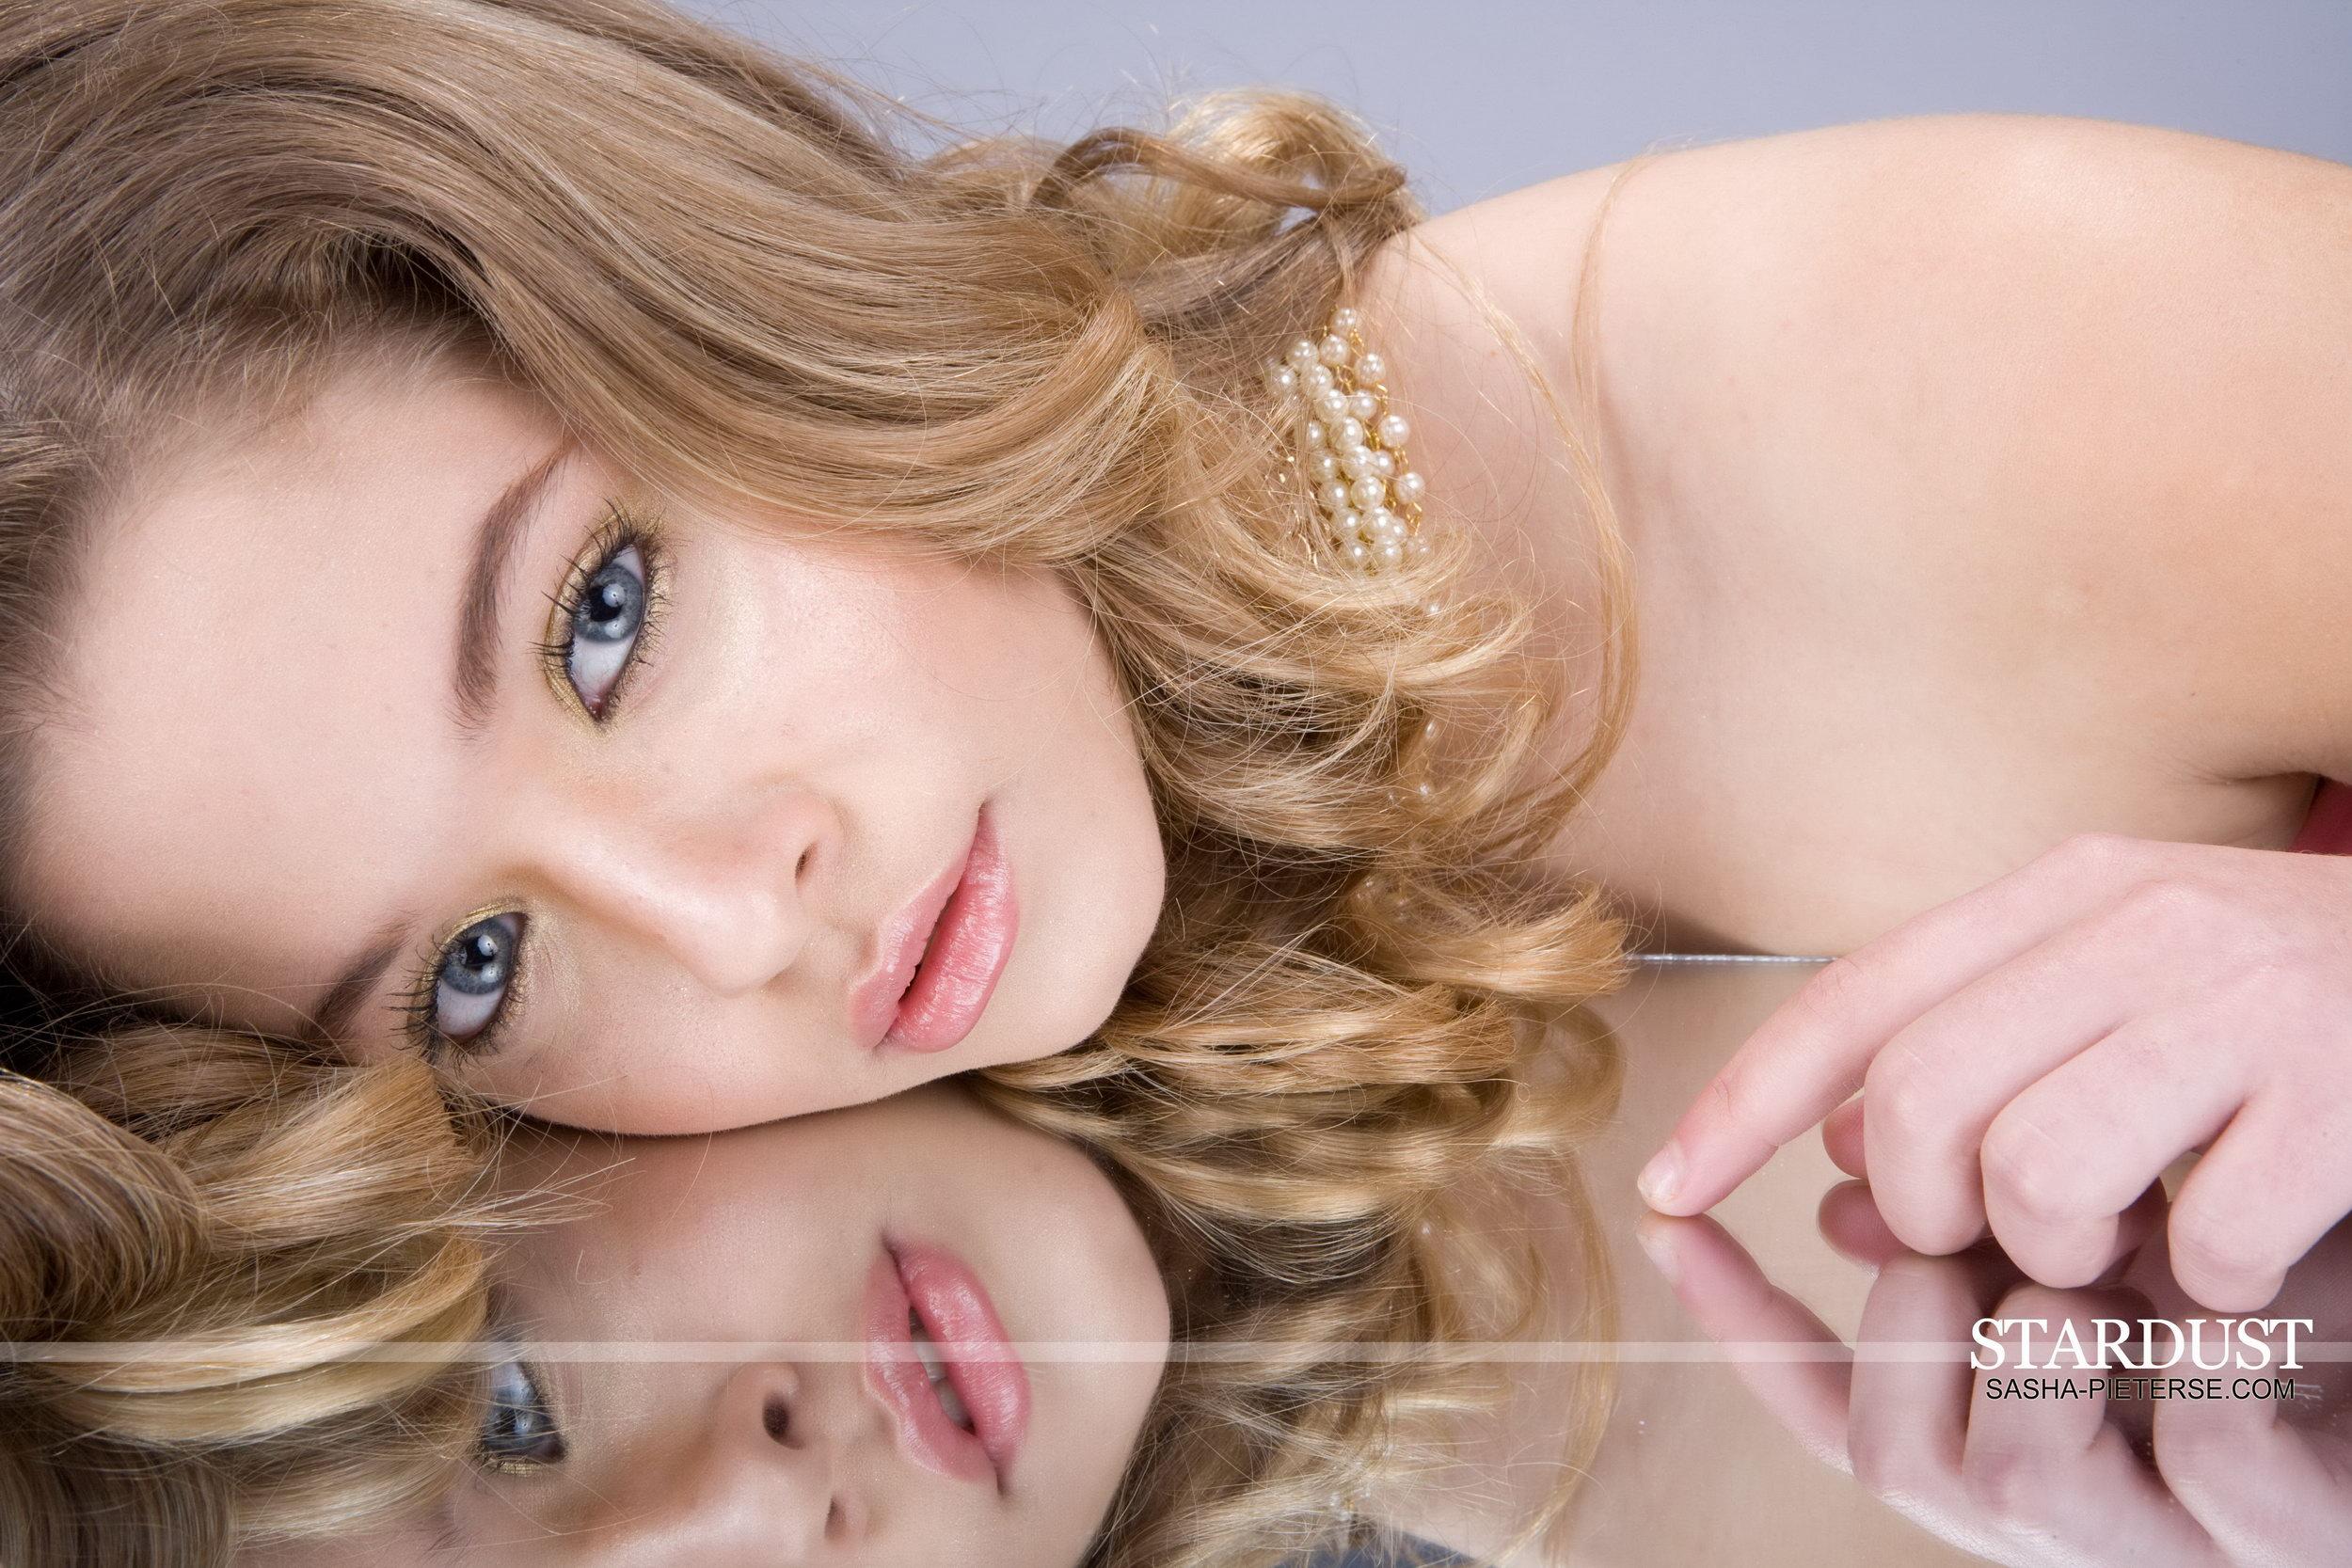 Биография саша блонд 19 фотография